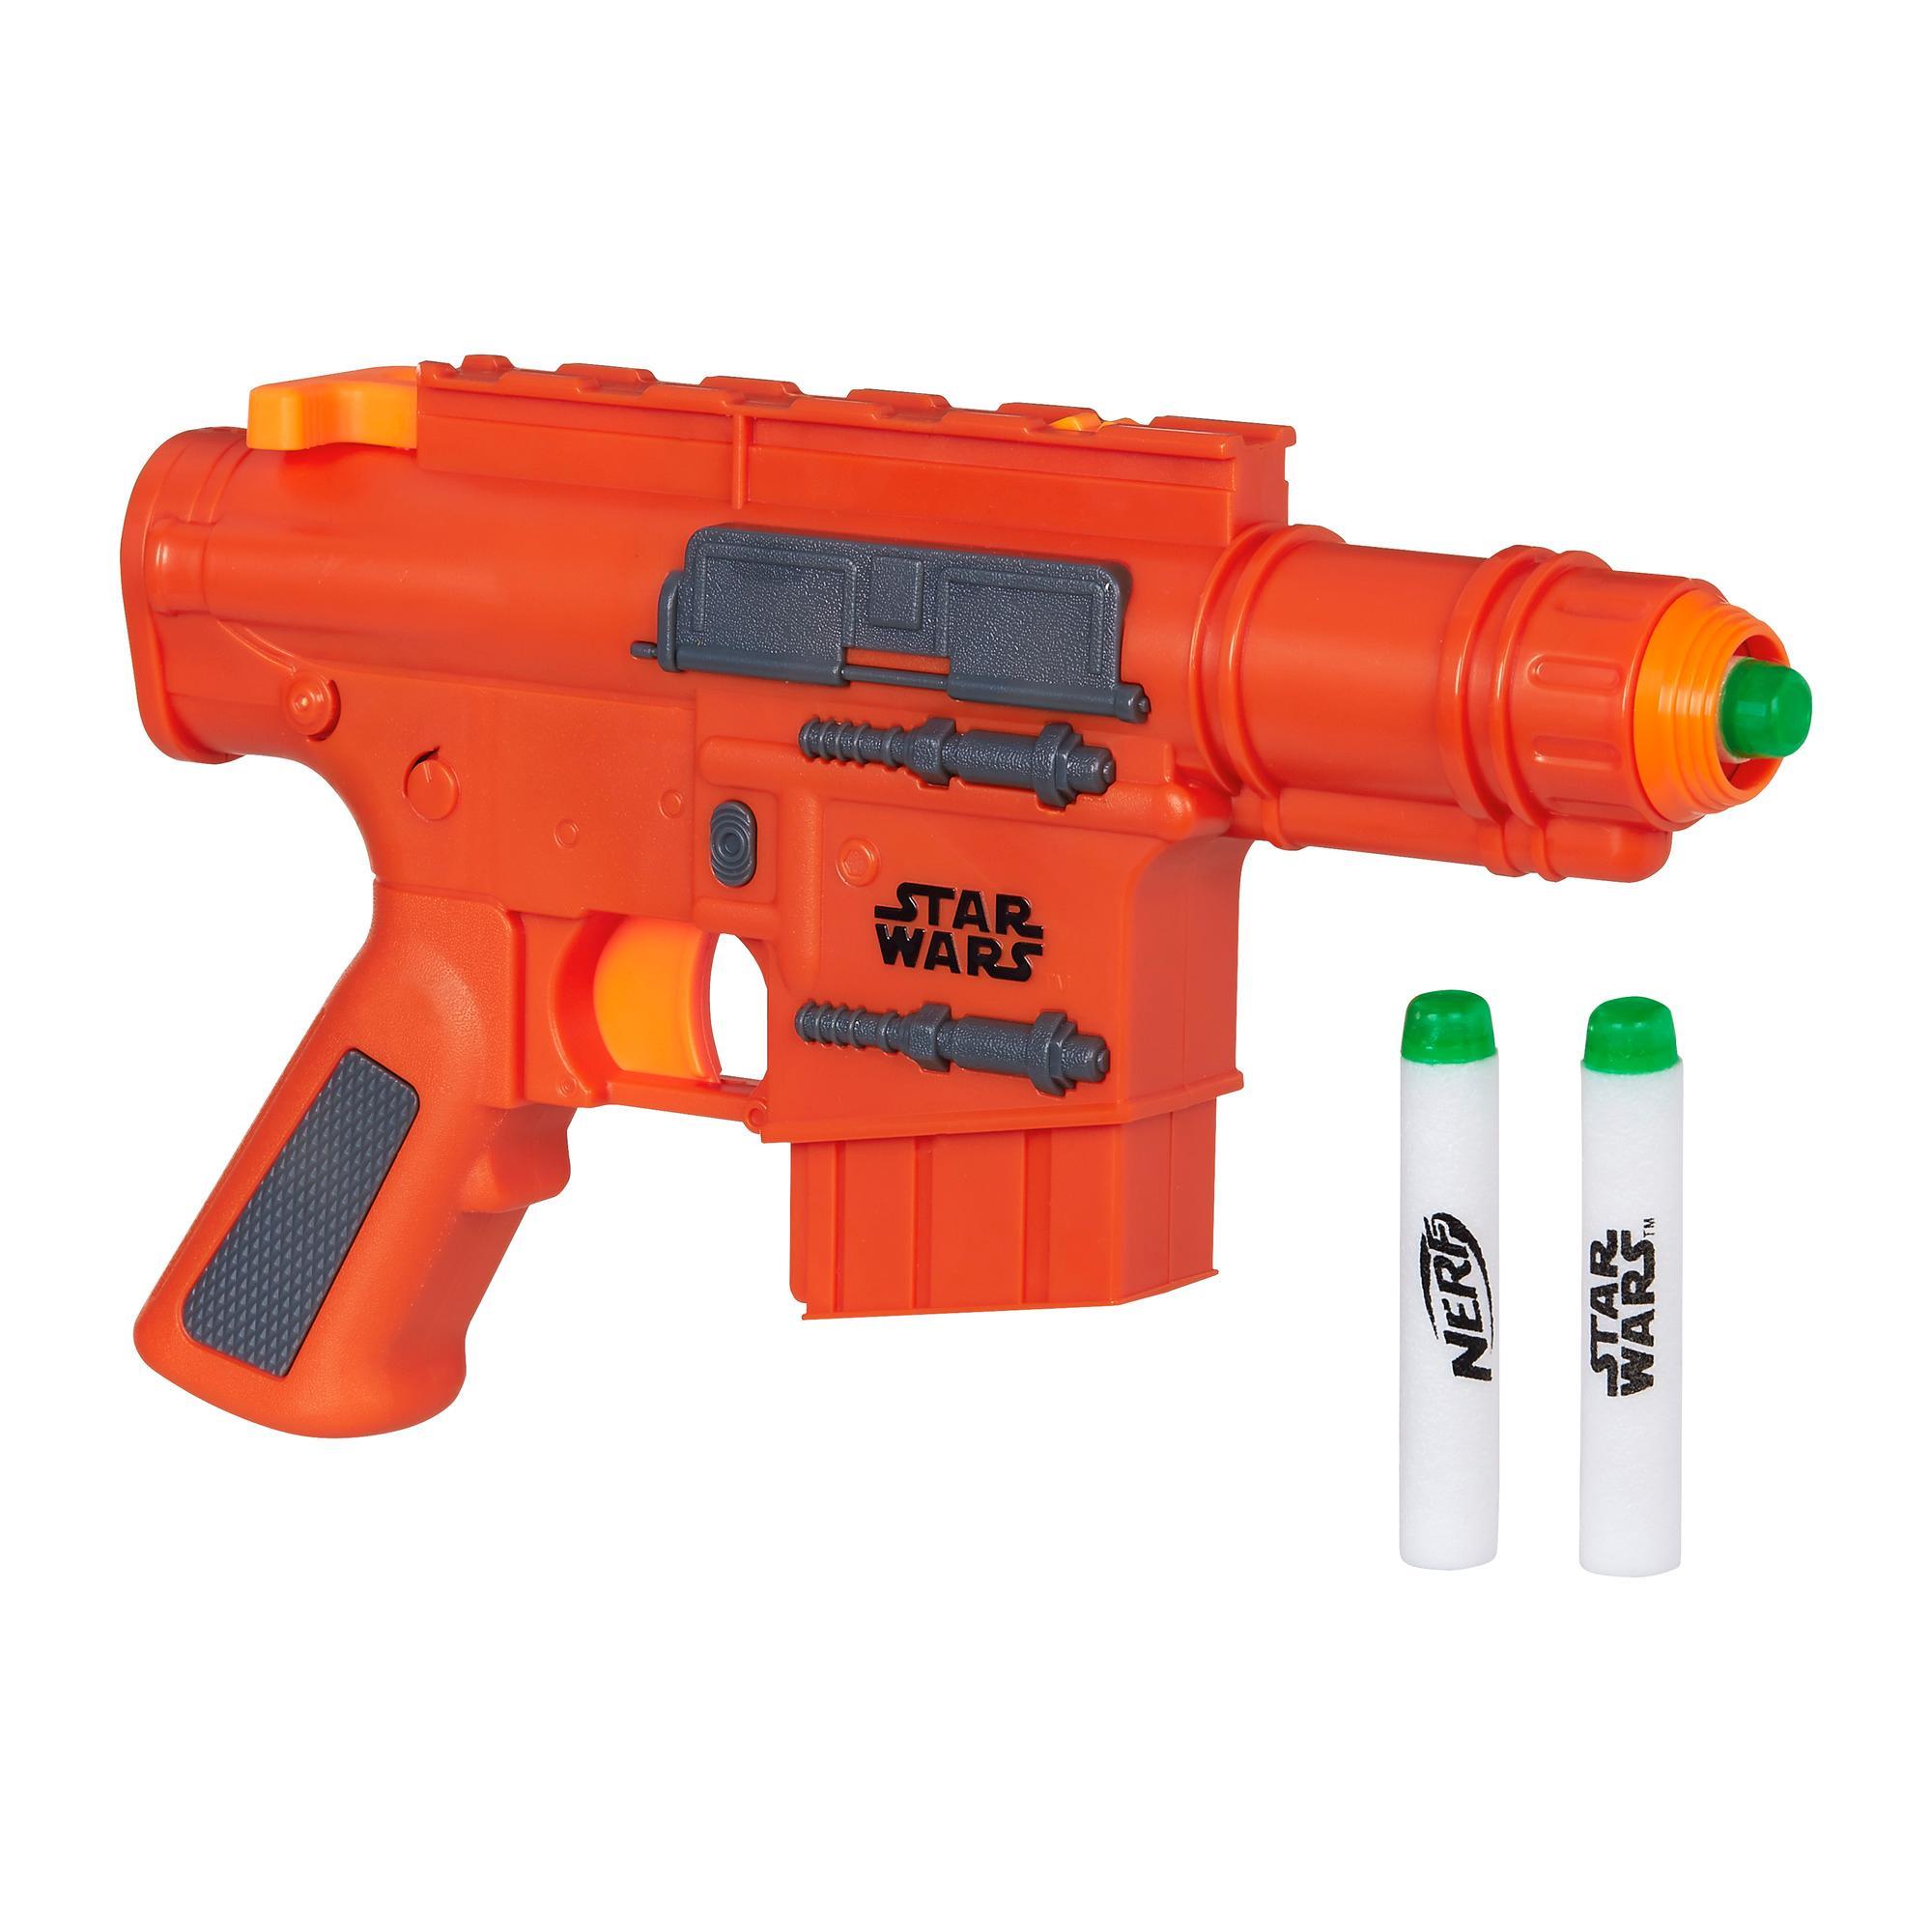 Star Wars R1 Blaster Captain Cassian Andor